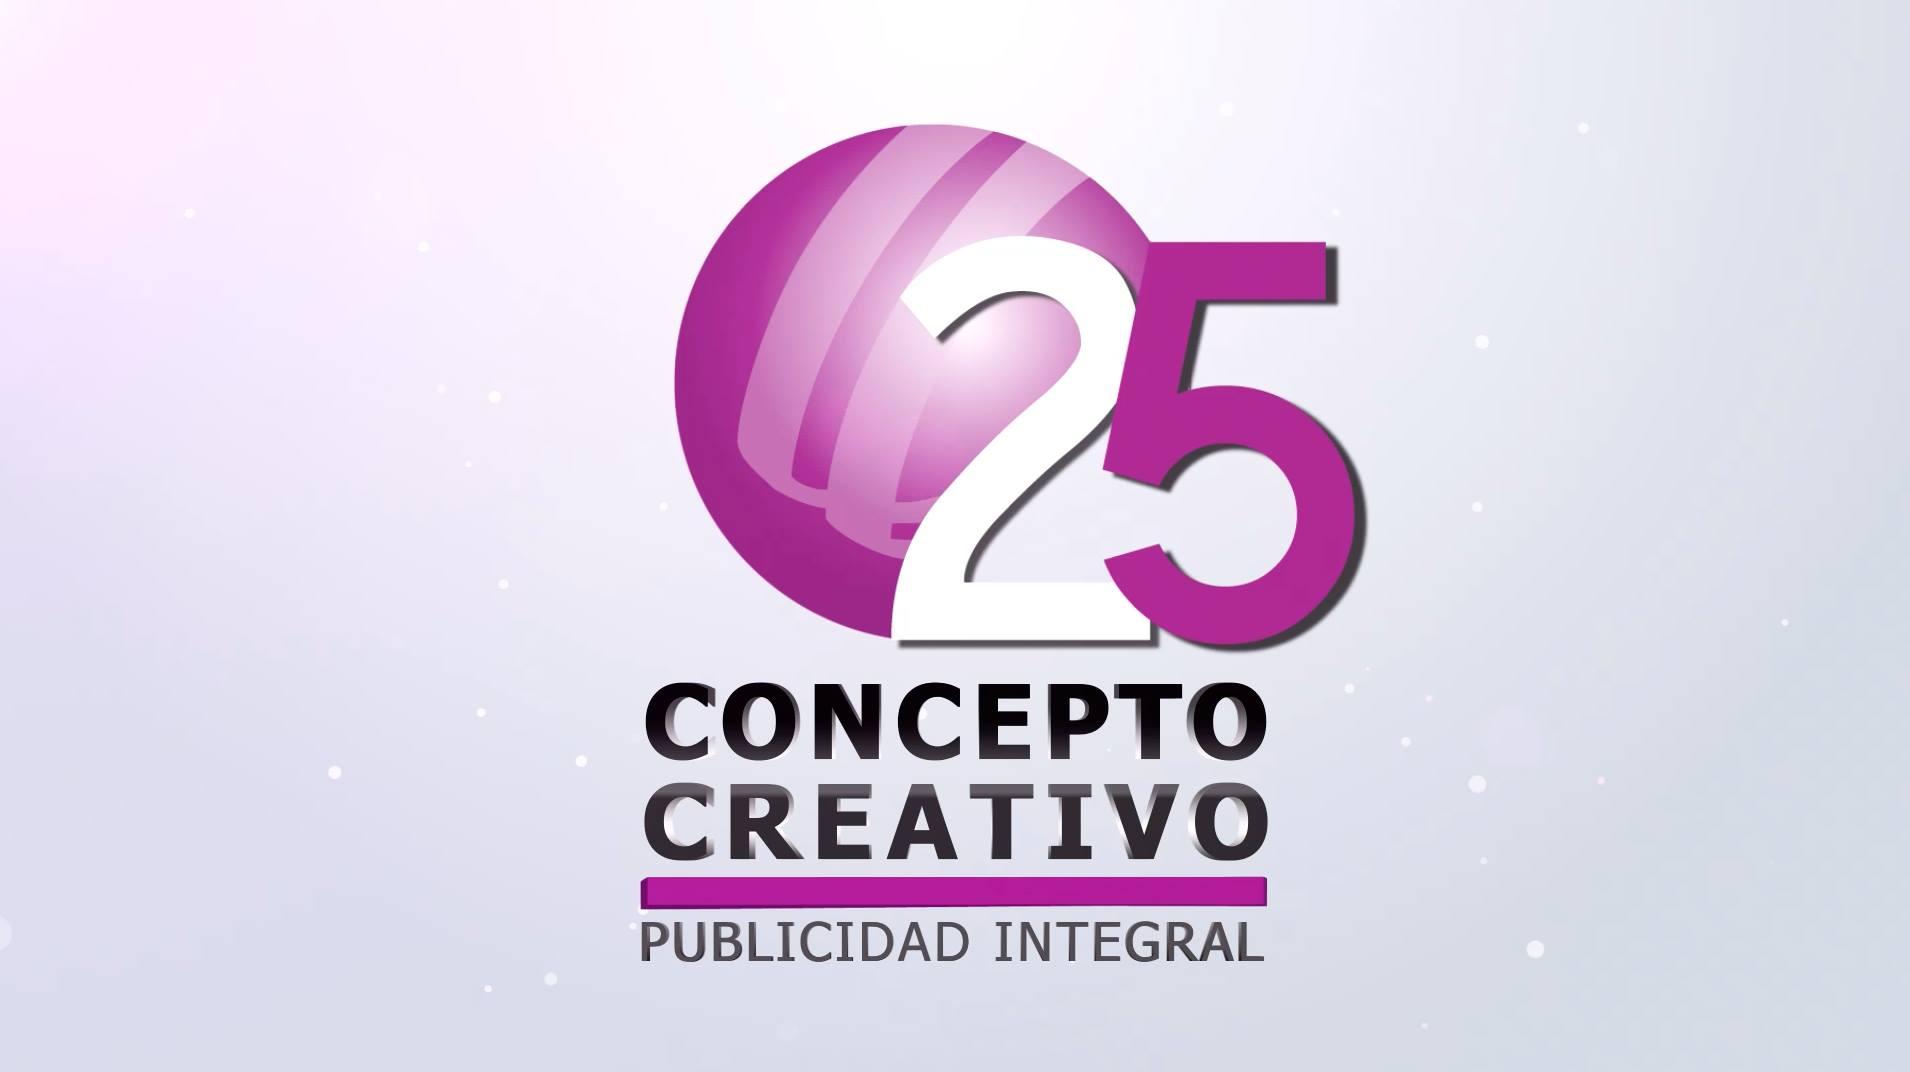 Servicio de grabación de video, Concepto Creativo Publicidad I...